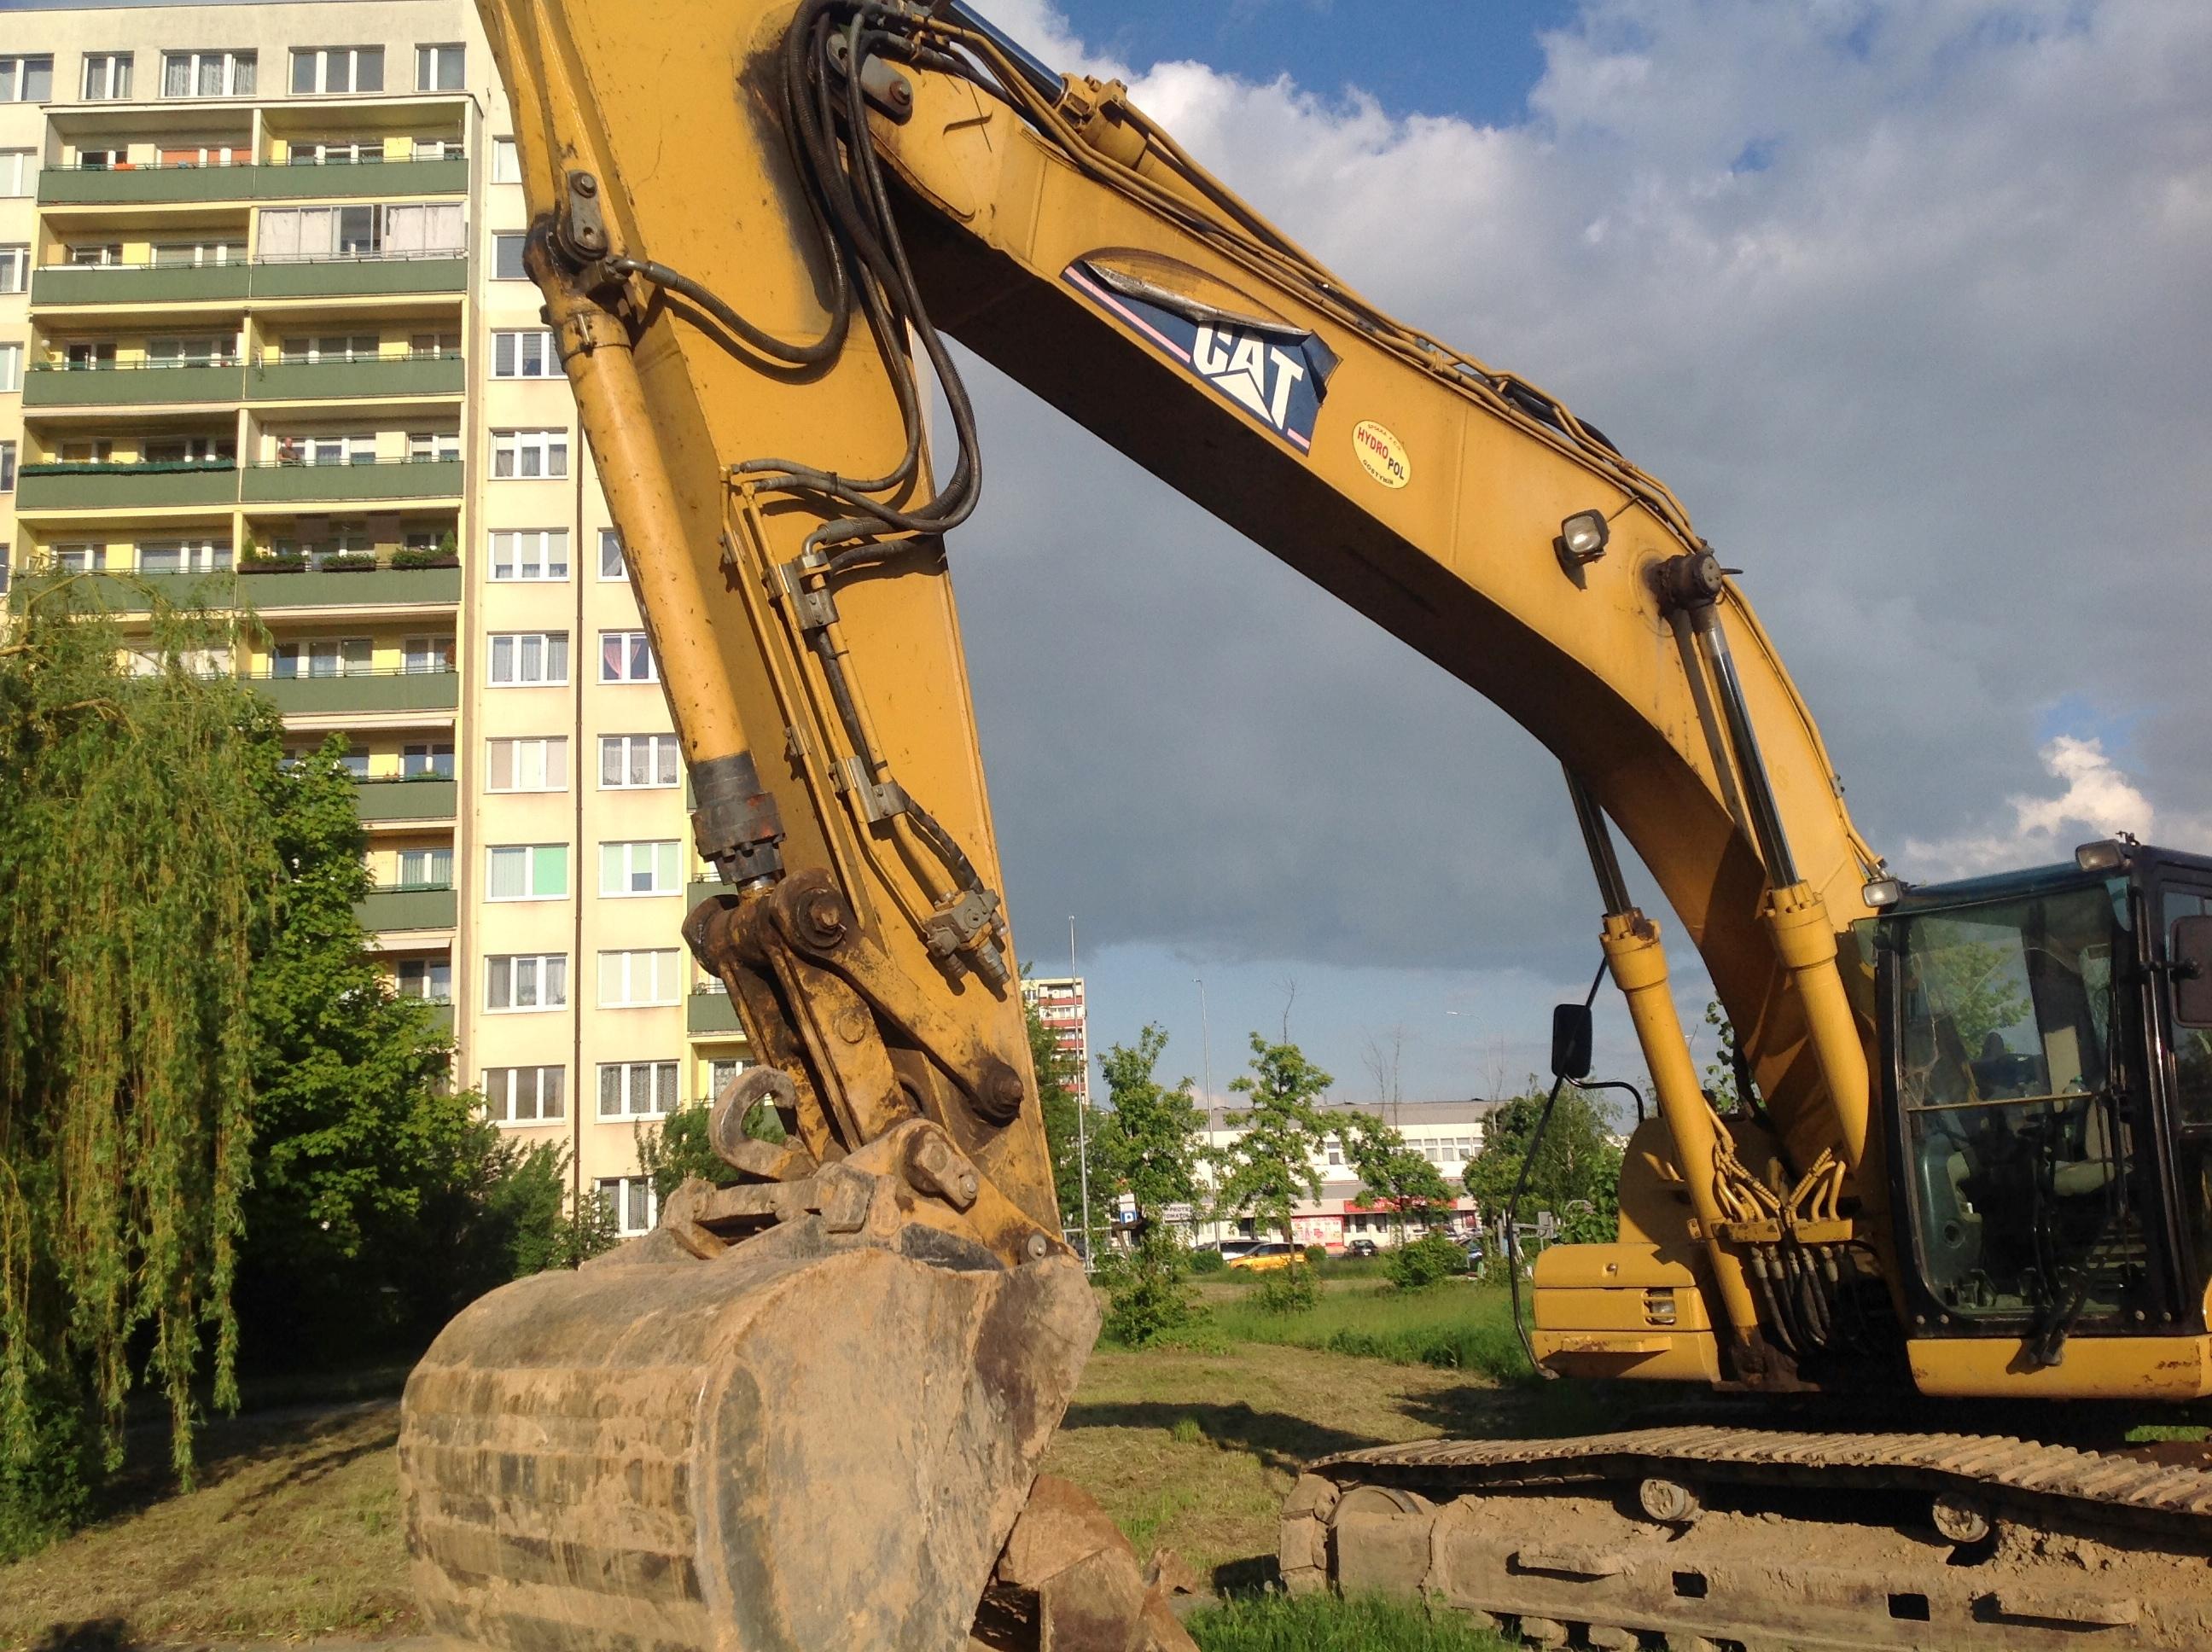 Inwestycja za 7,5 mln zł. Sprawdźcie postęp prac [ZDJĘCIA] - Zdjęcie główne